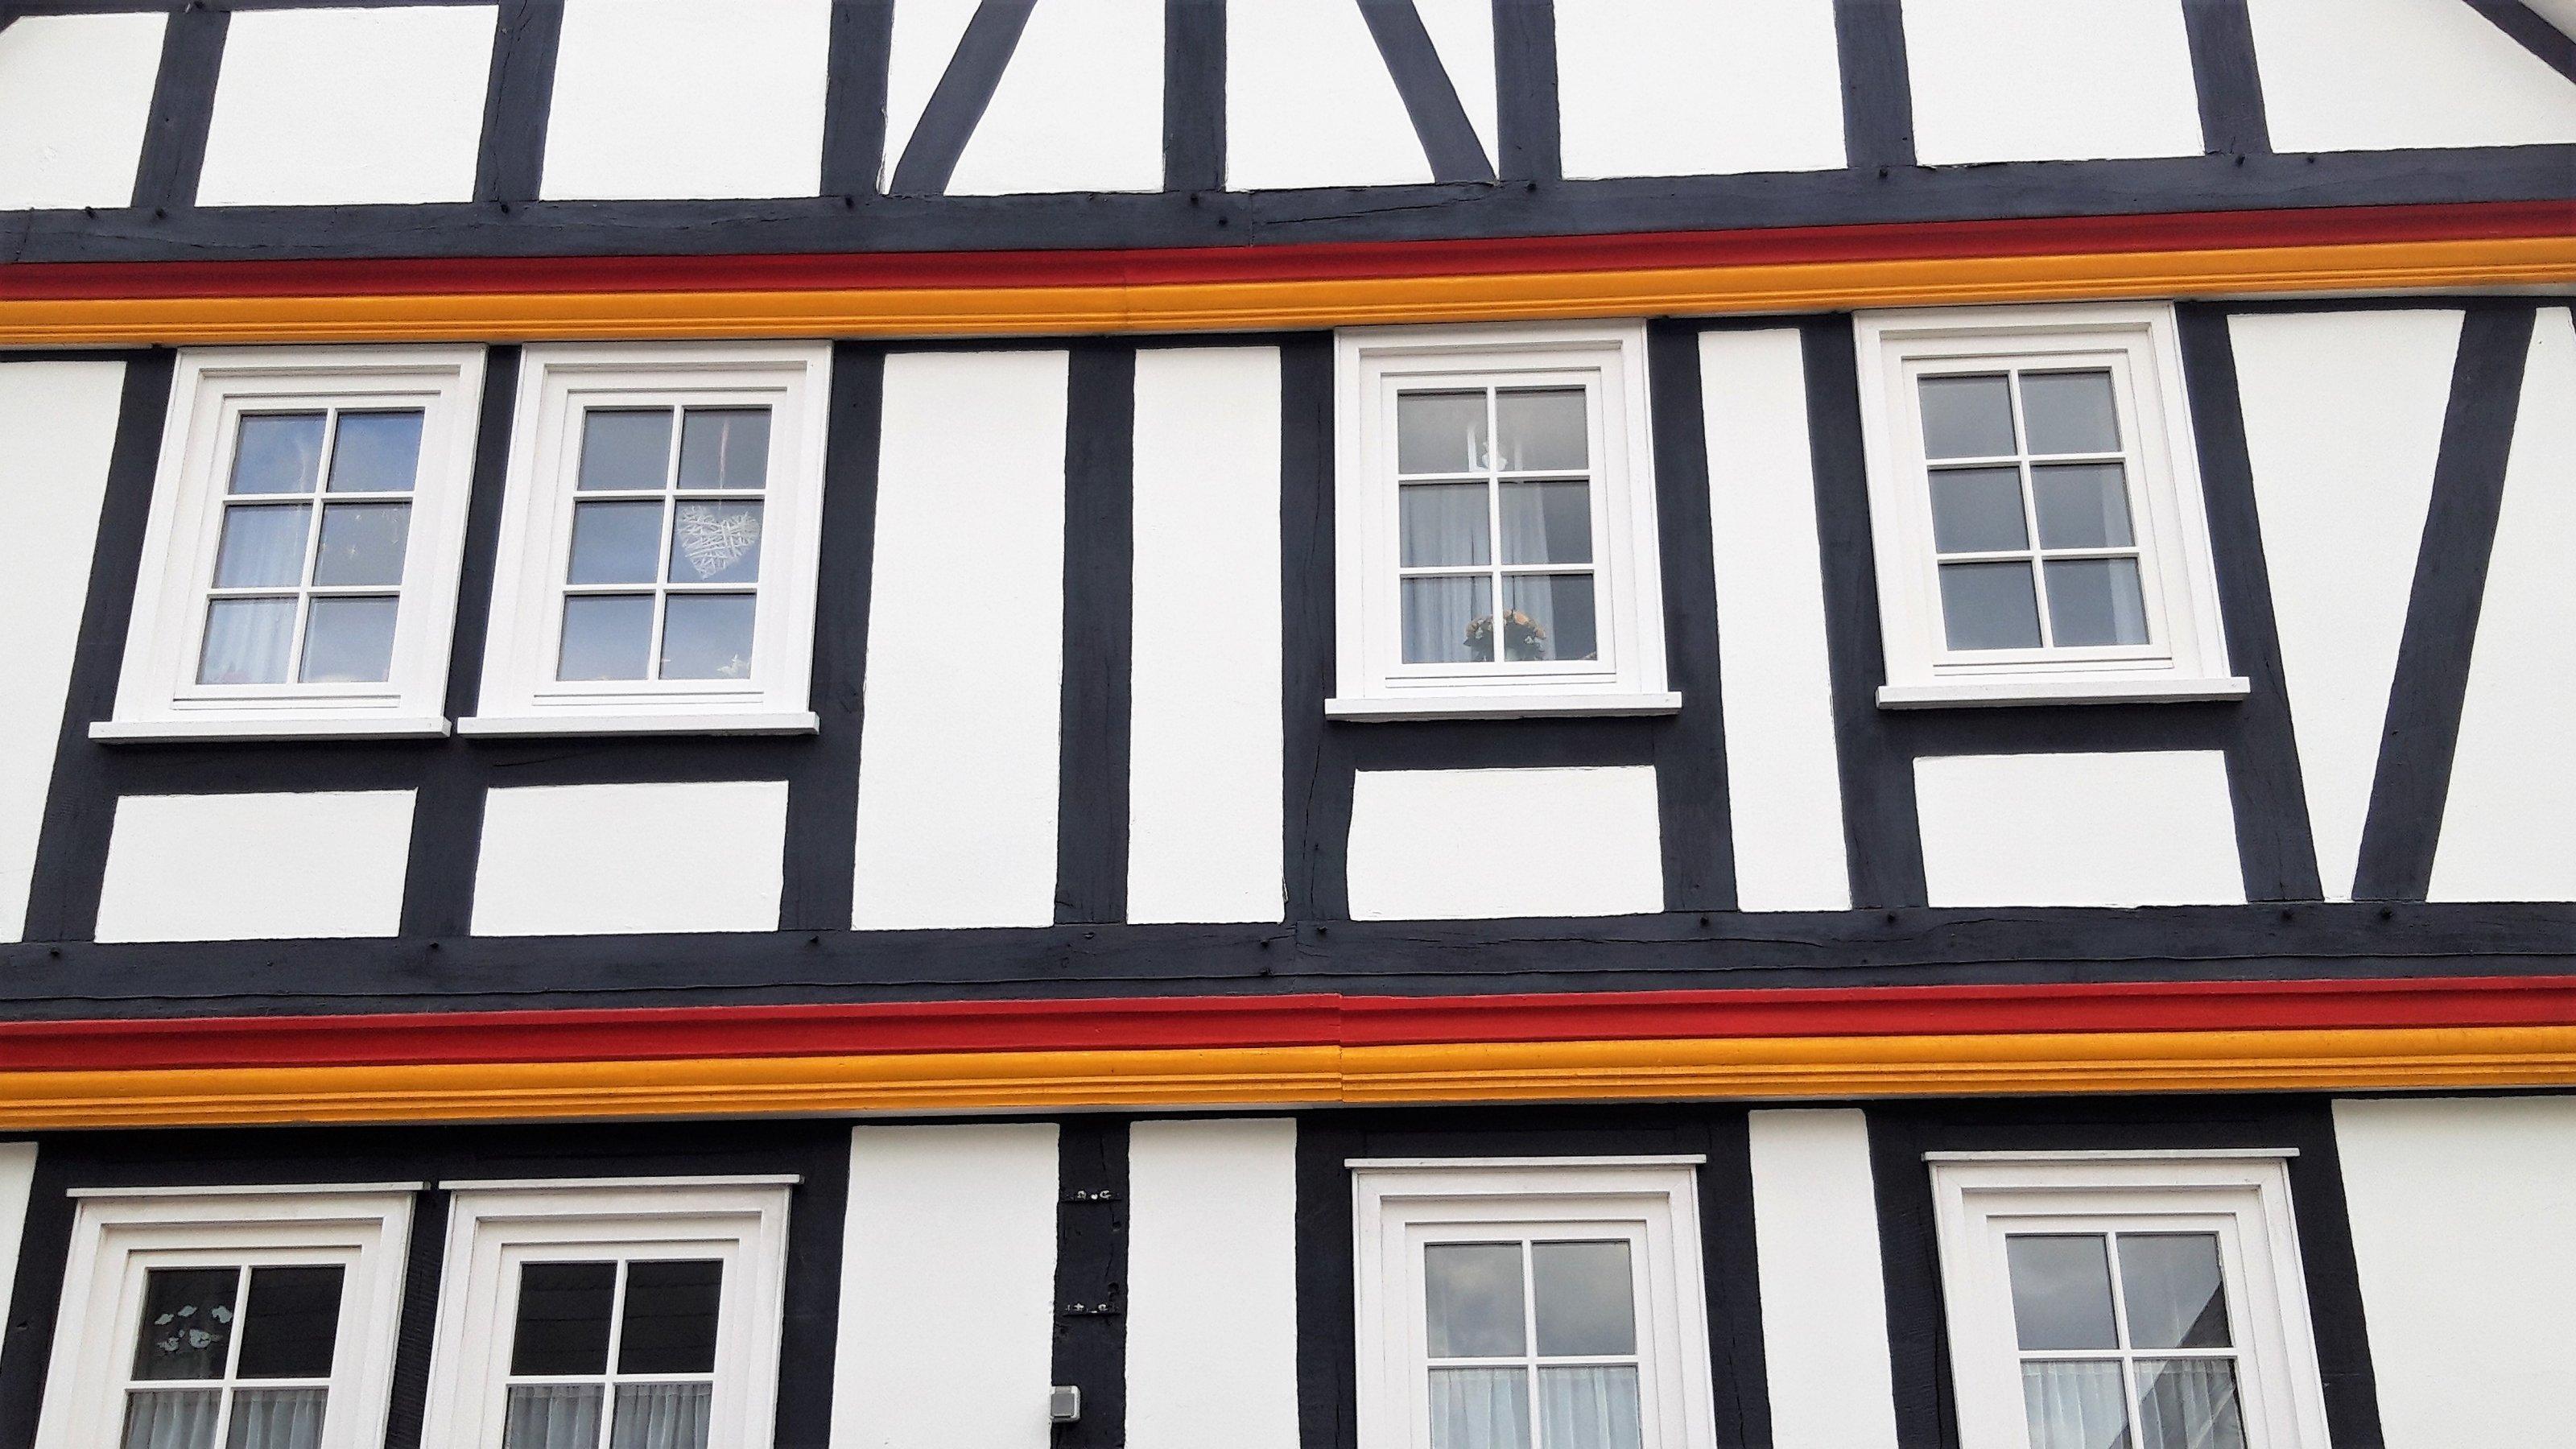 Balken eines Fachwerkhauses in Schwarz-Rot-Gold